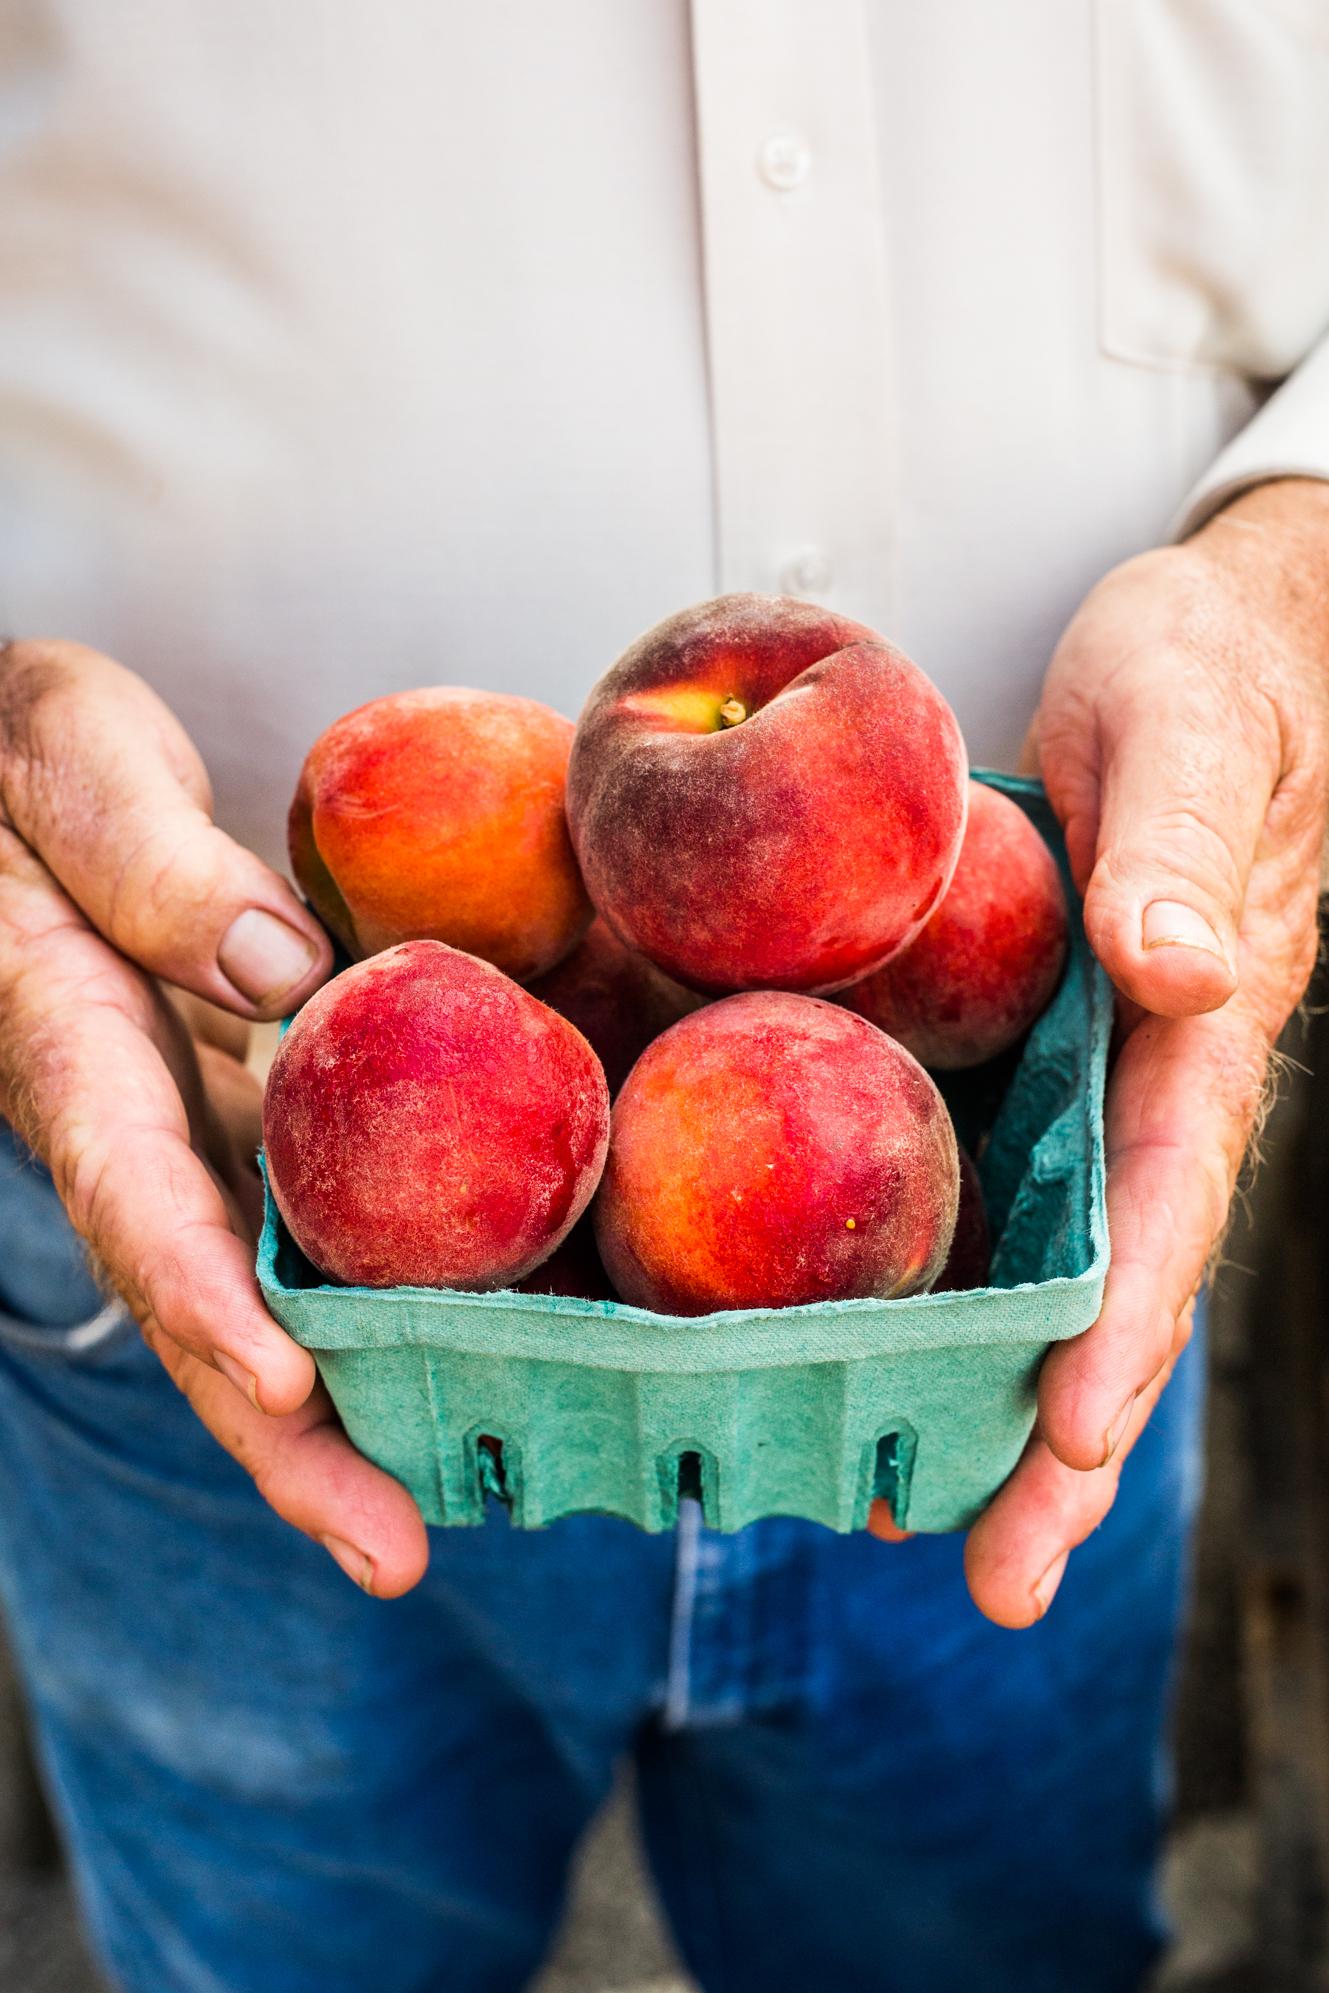 033-Bentonville Farmers Market.jpg